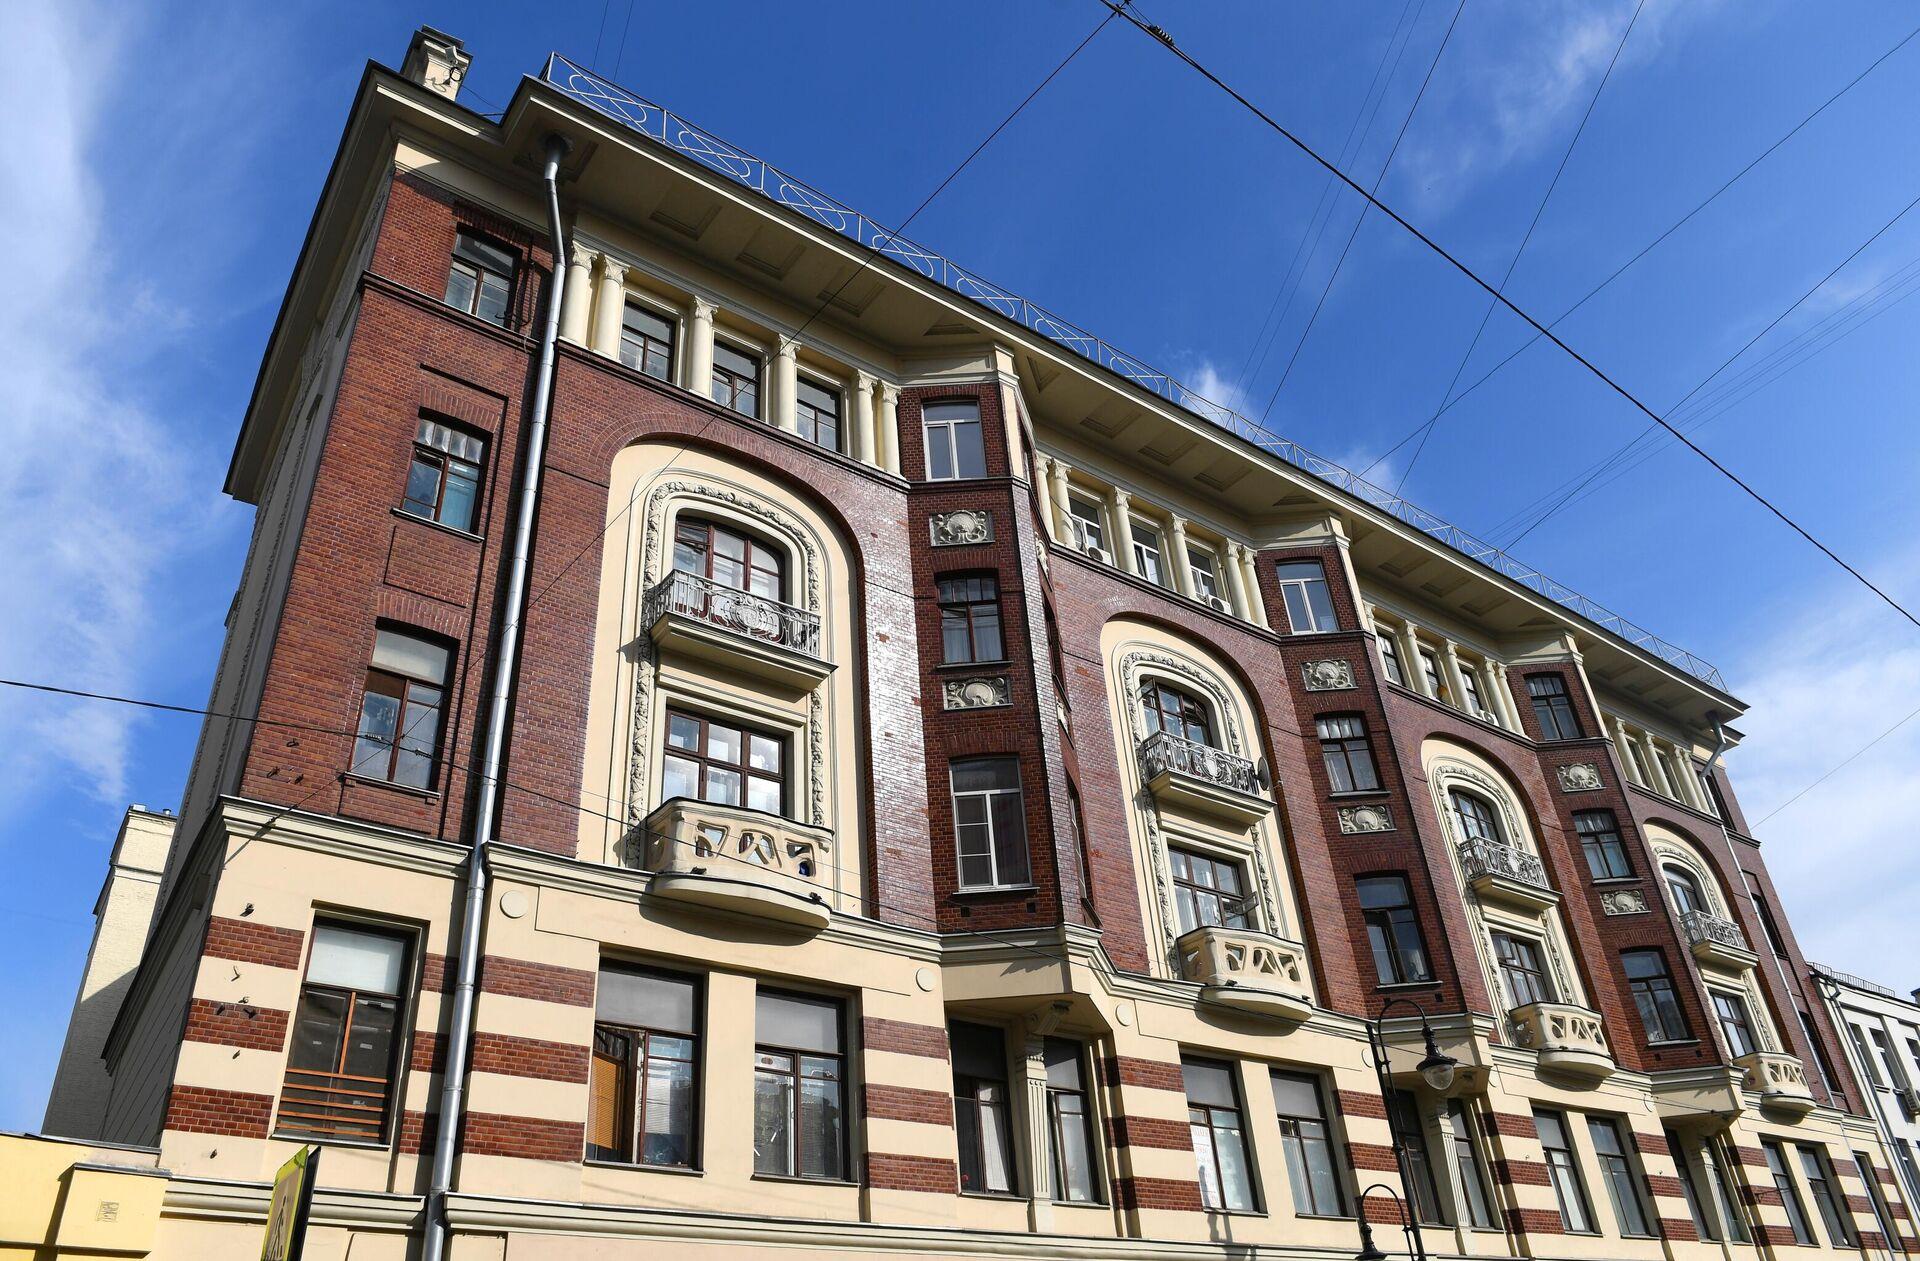 Многоквартирный дом на Большой Дмитровке, 22 в Москве - РИА Новости, 1920, 14.07.2021